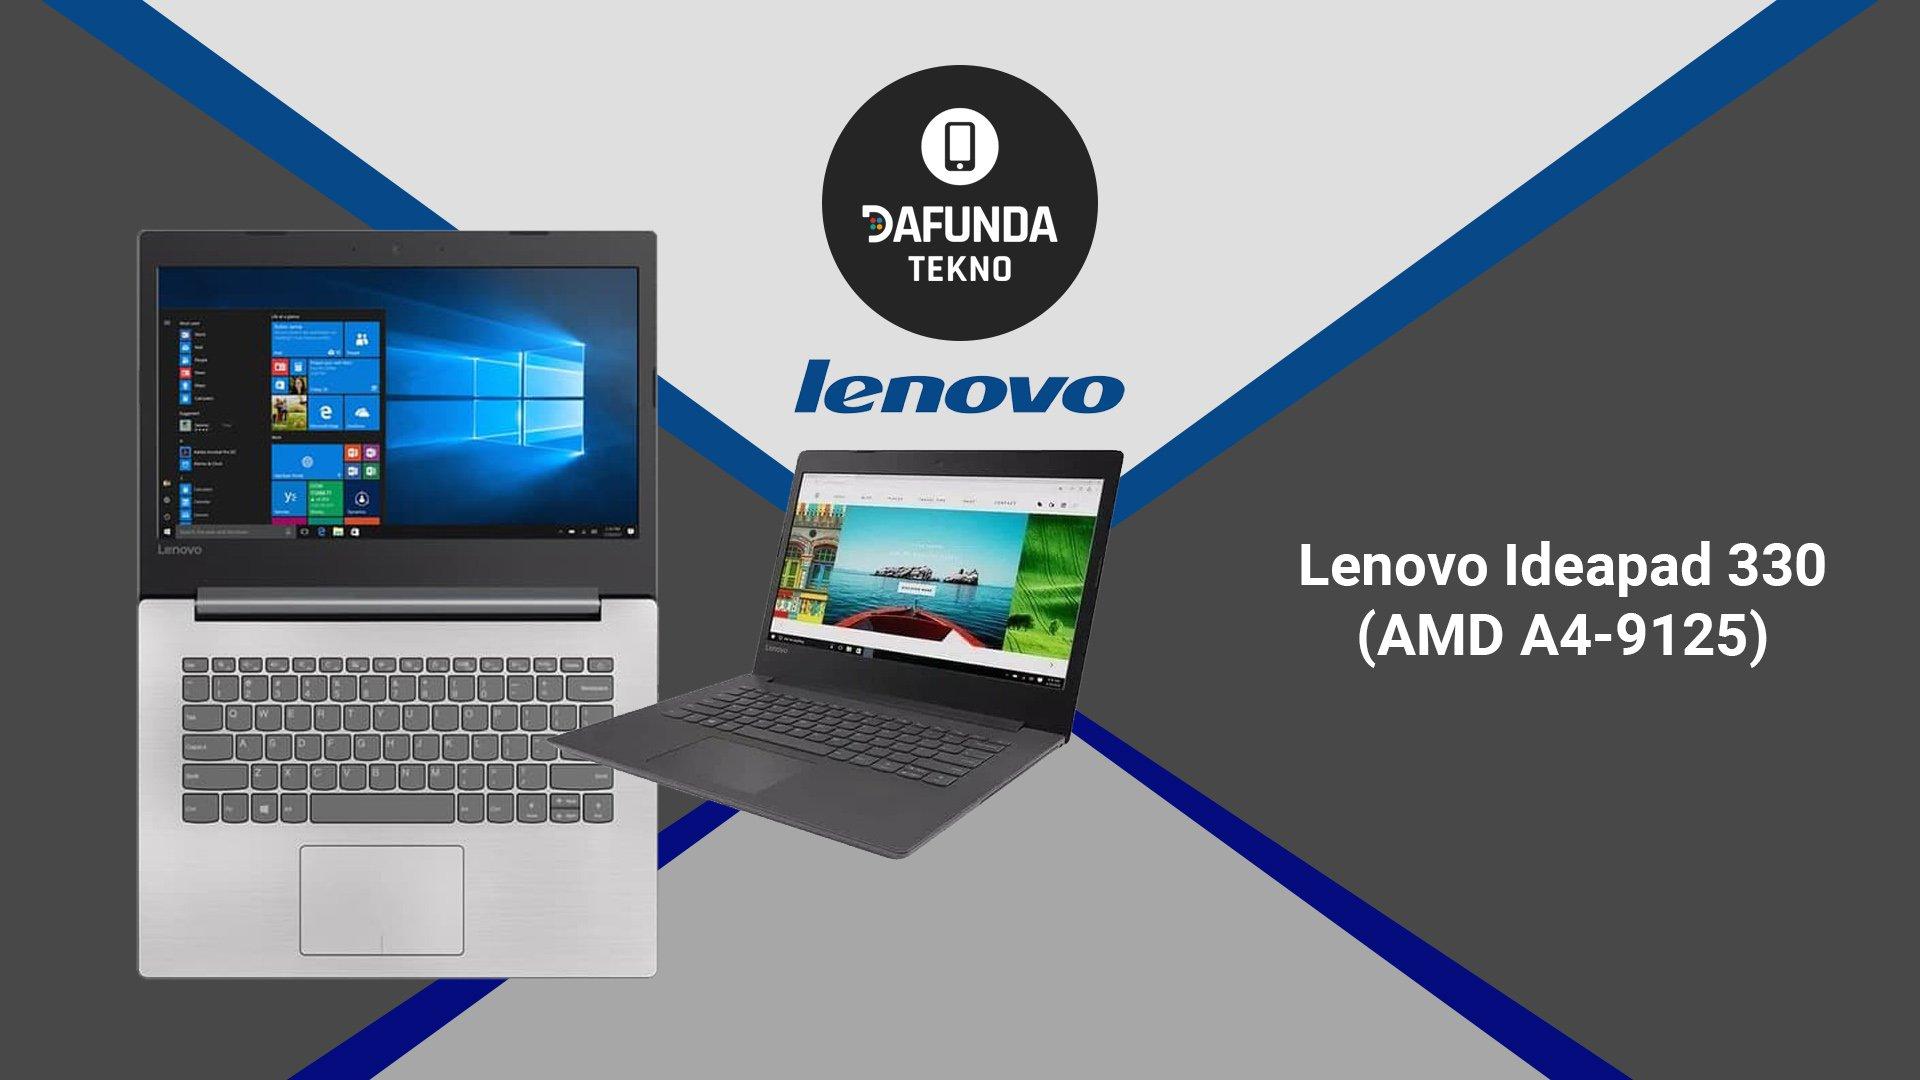 Lenovo Ideapad 330 Amd A4 9125